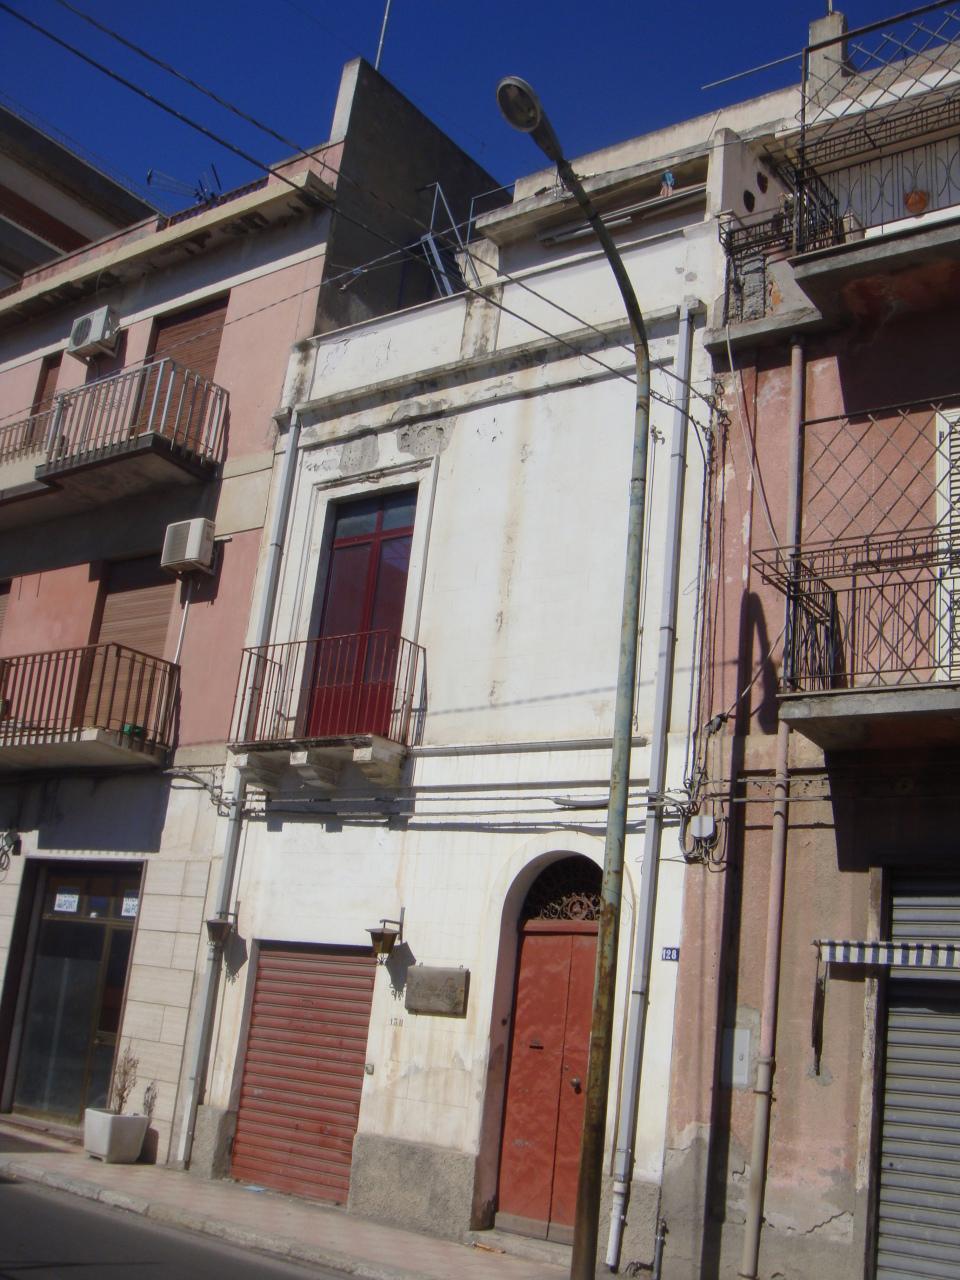 Capannone in vendita a Bova Marina, 1 locali, prezzo € 35.000 | CambioCasa.it